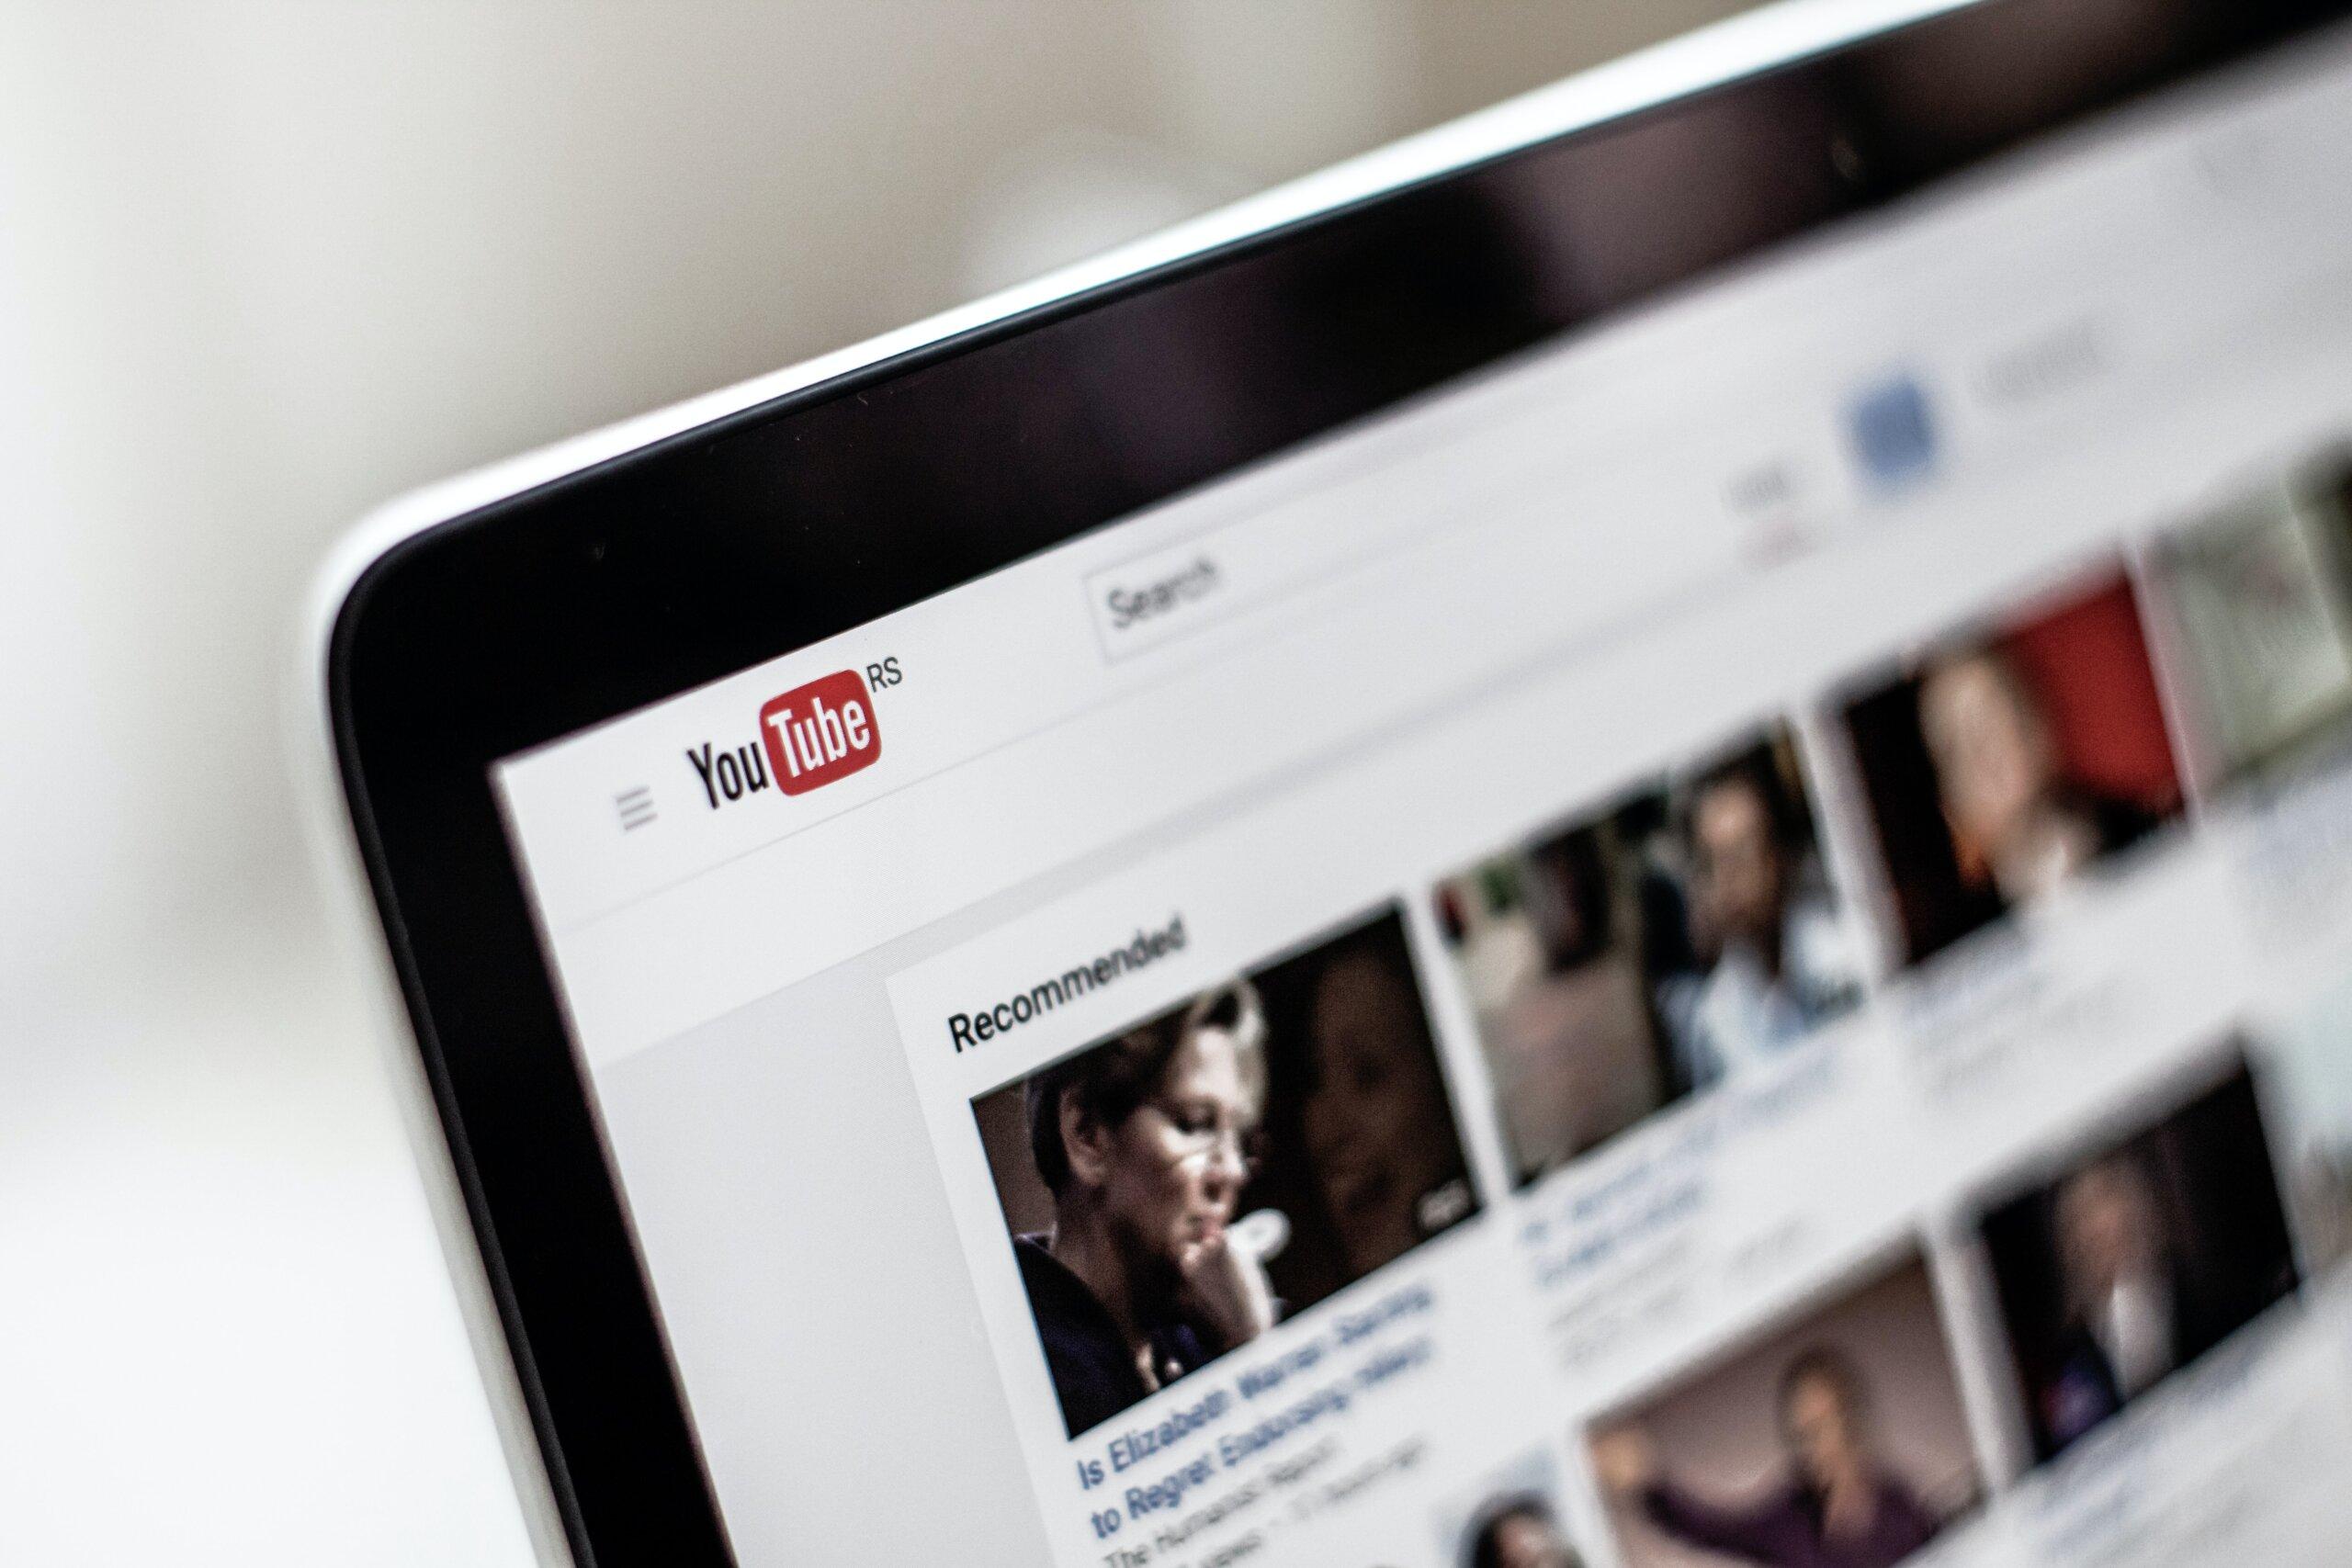 Cách tạo tài khoản YouTube kiếm tiền cho người mới bắt đầu